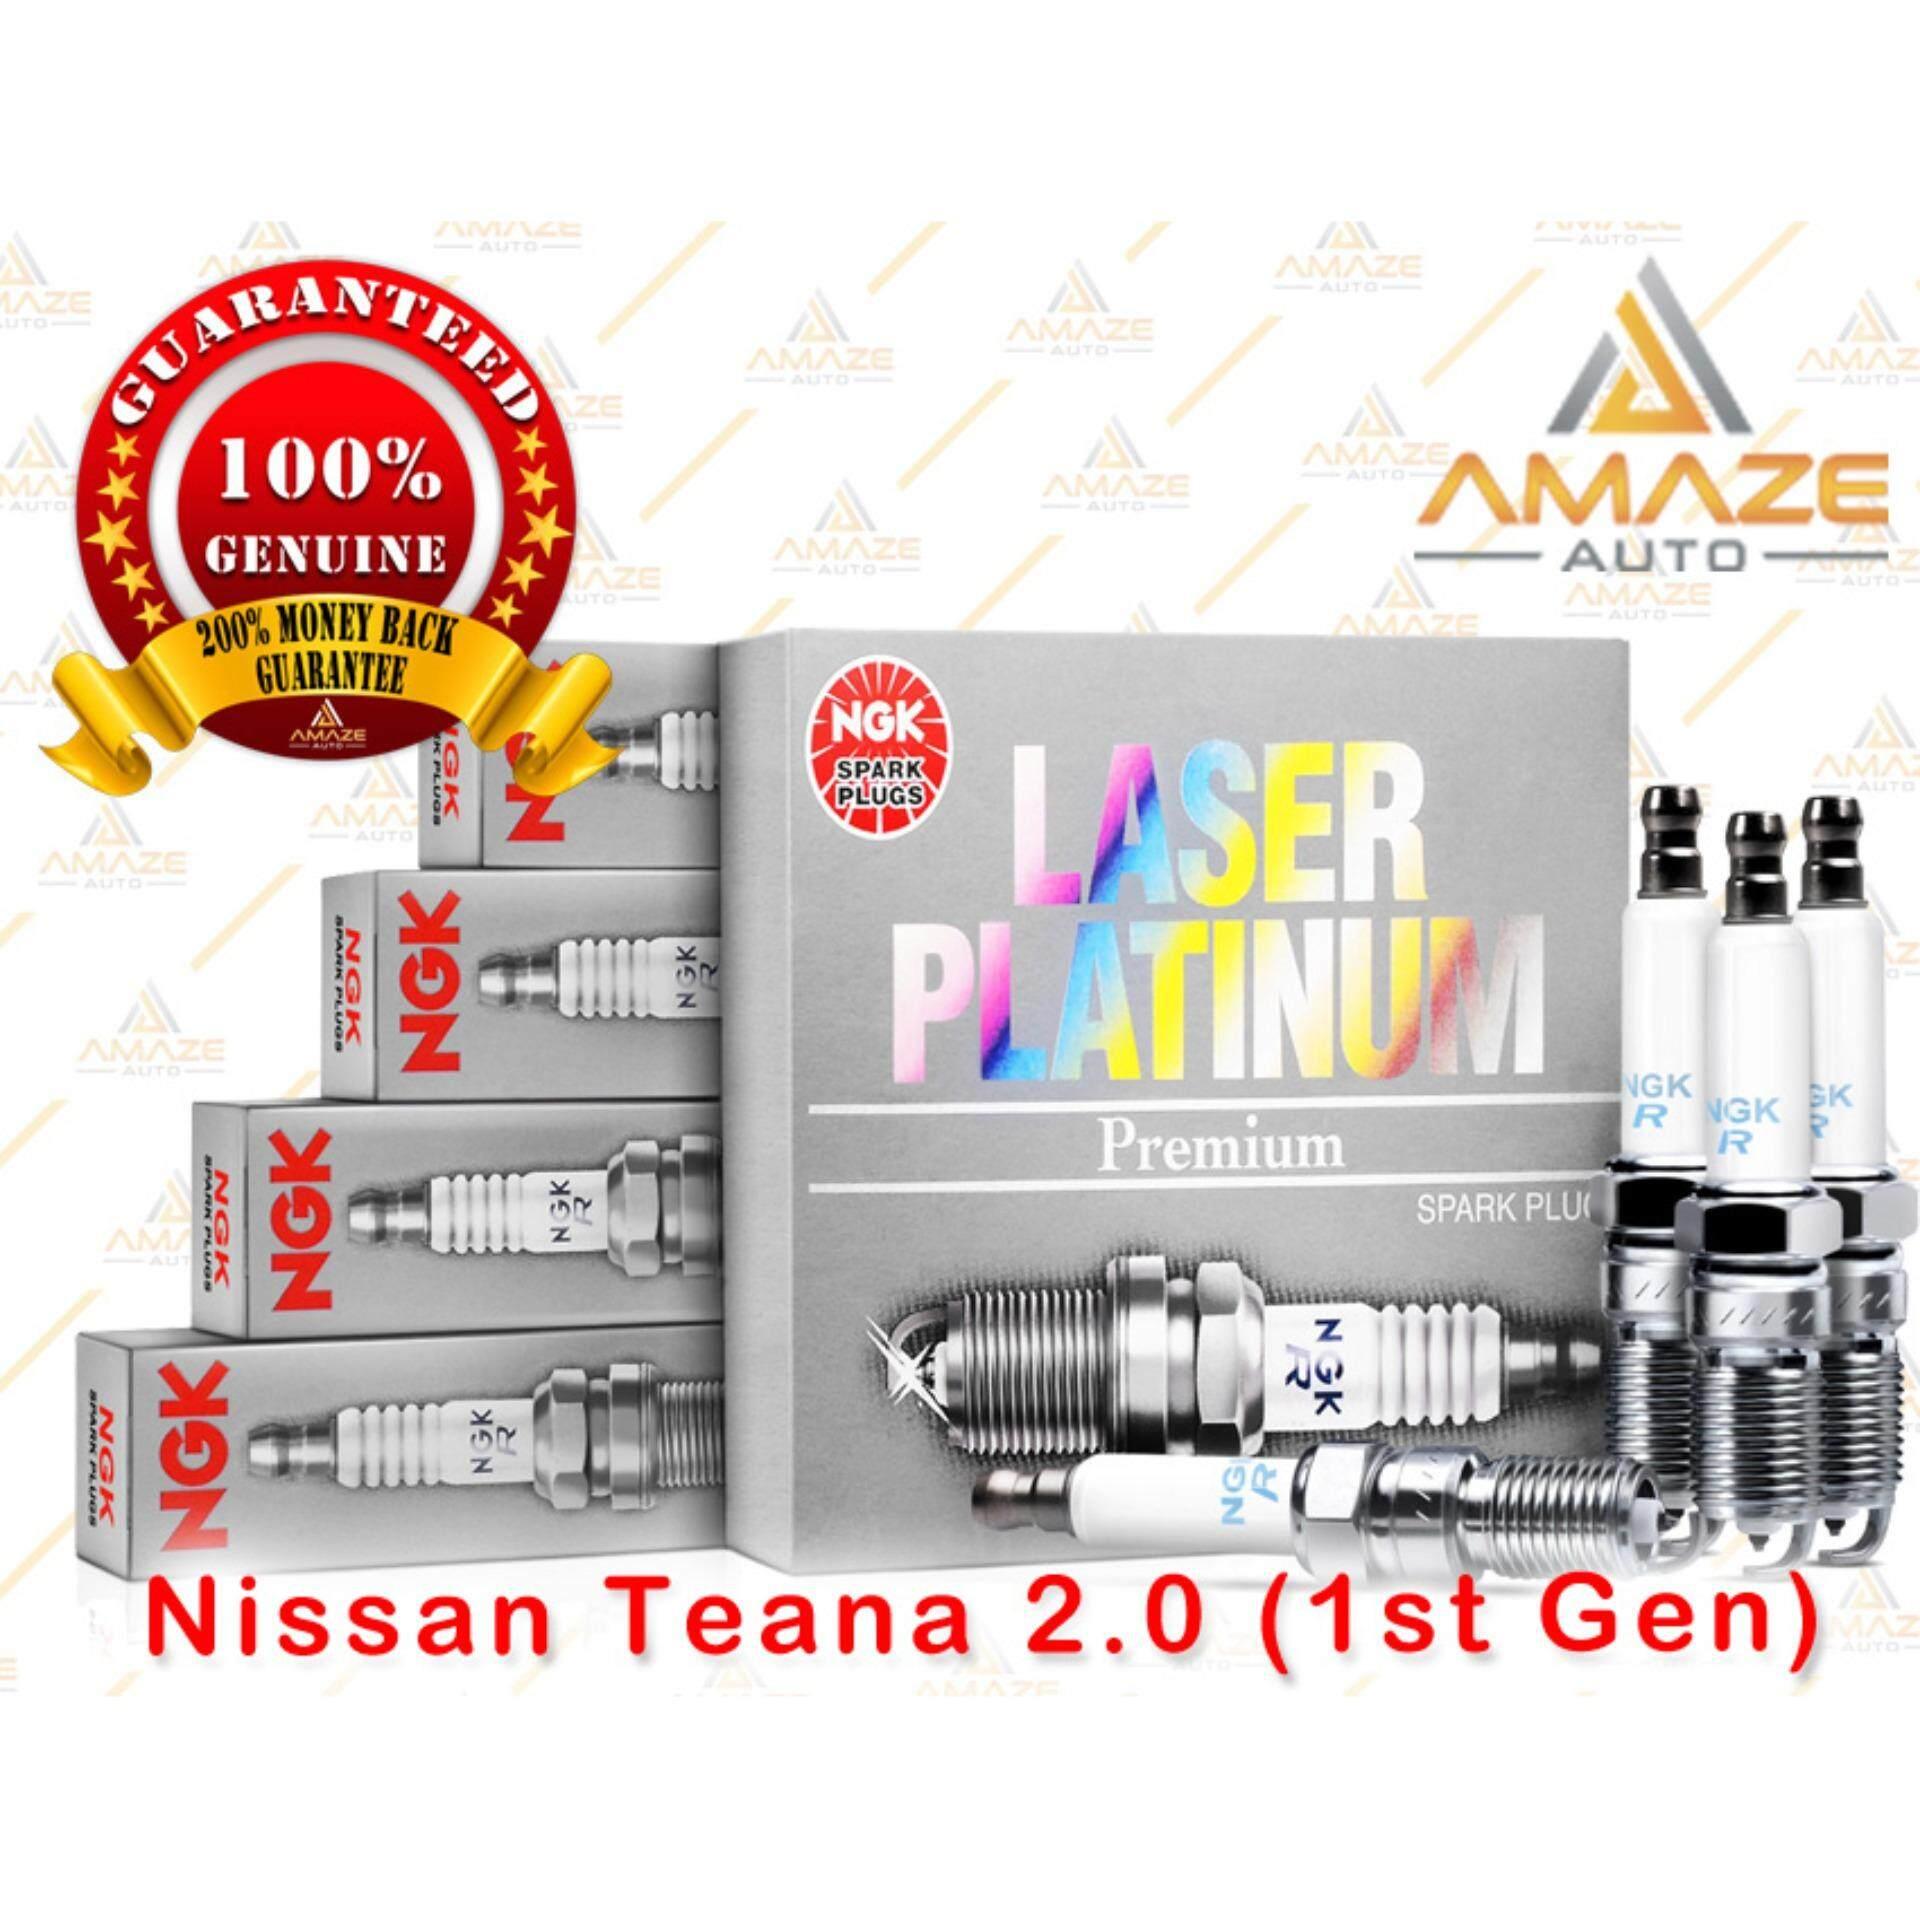 NGK Laser Platinum Spark Plug for Nissan Teana 2.0 (1st Gen)